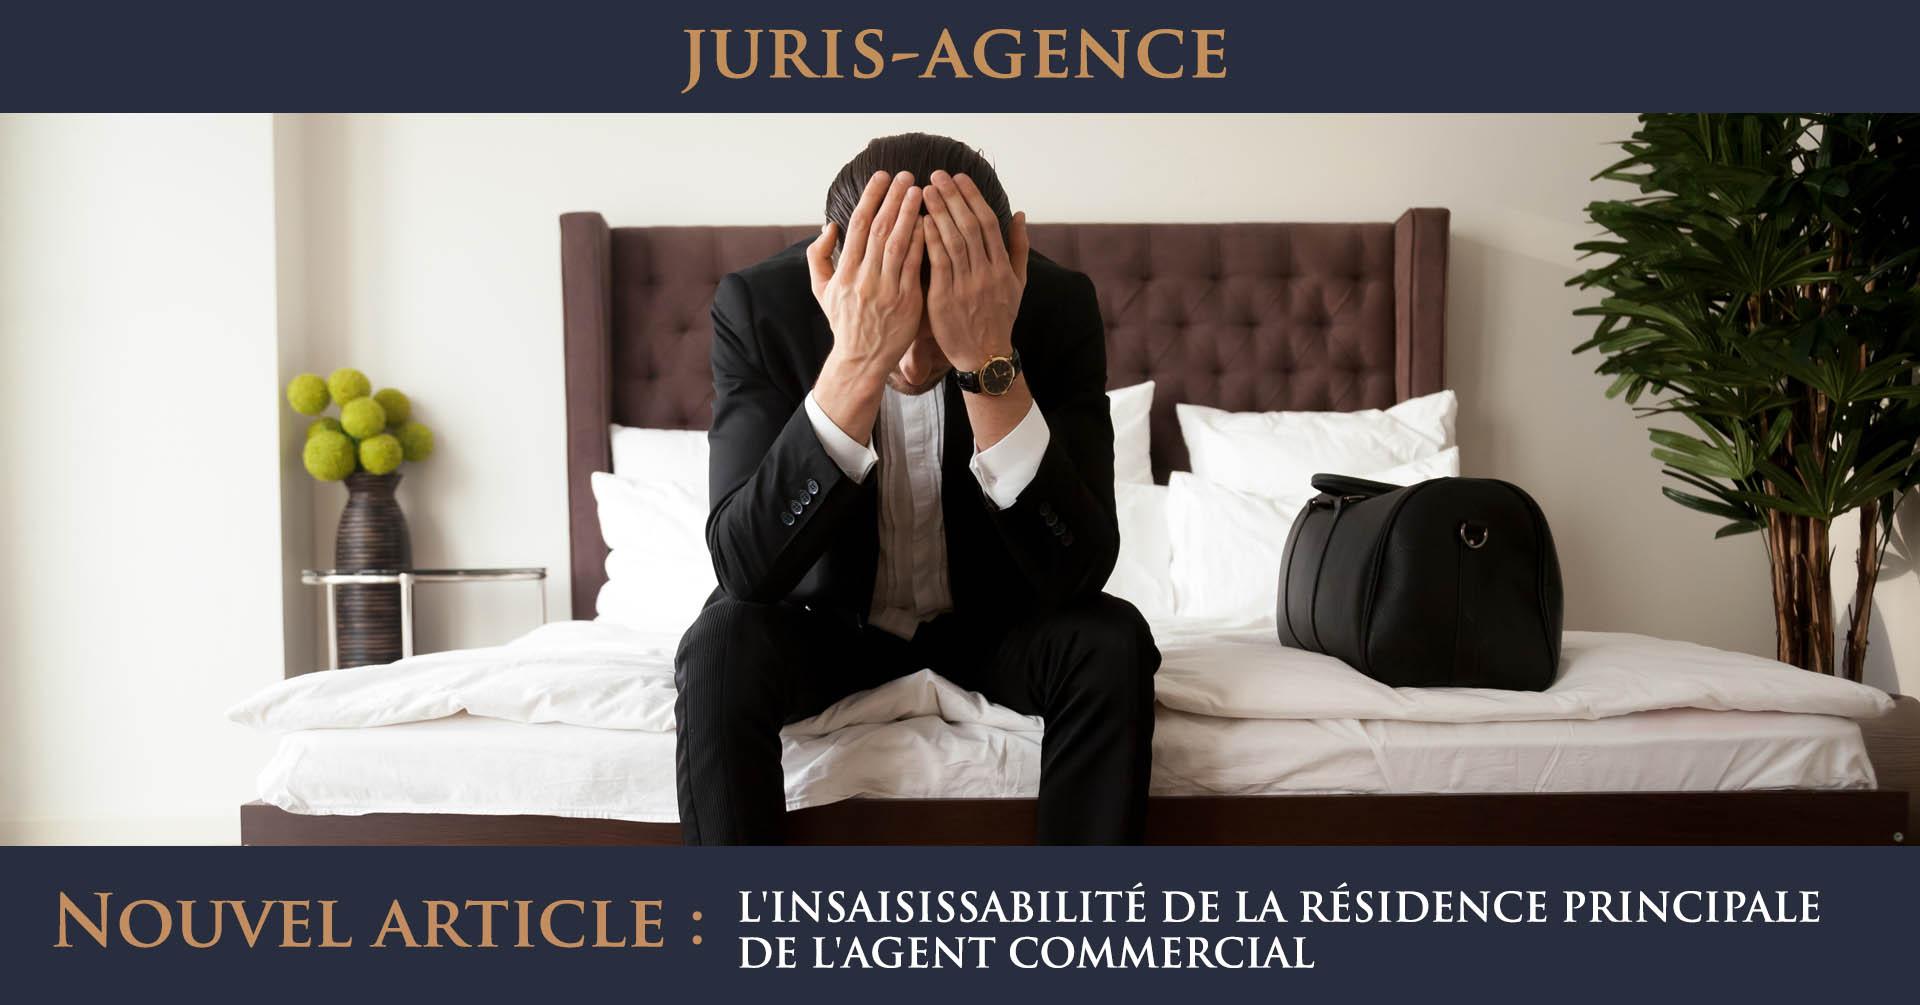 L'INSAISISSABILITE DE LA RESIDENCE PRINCIPALE DE L'AGENT COMMERCIAL